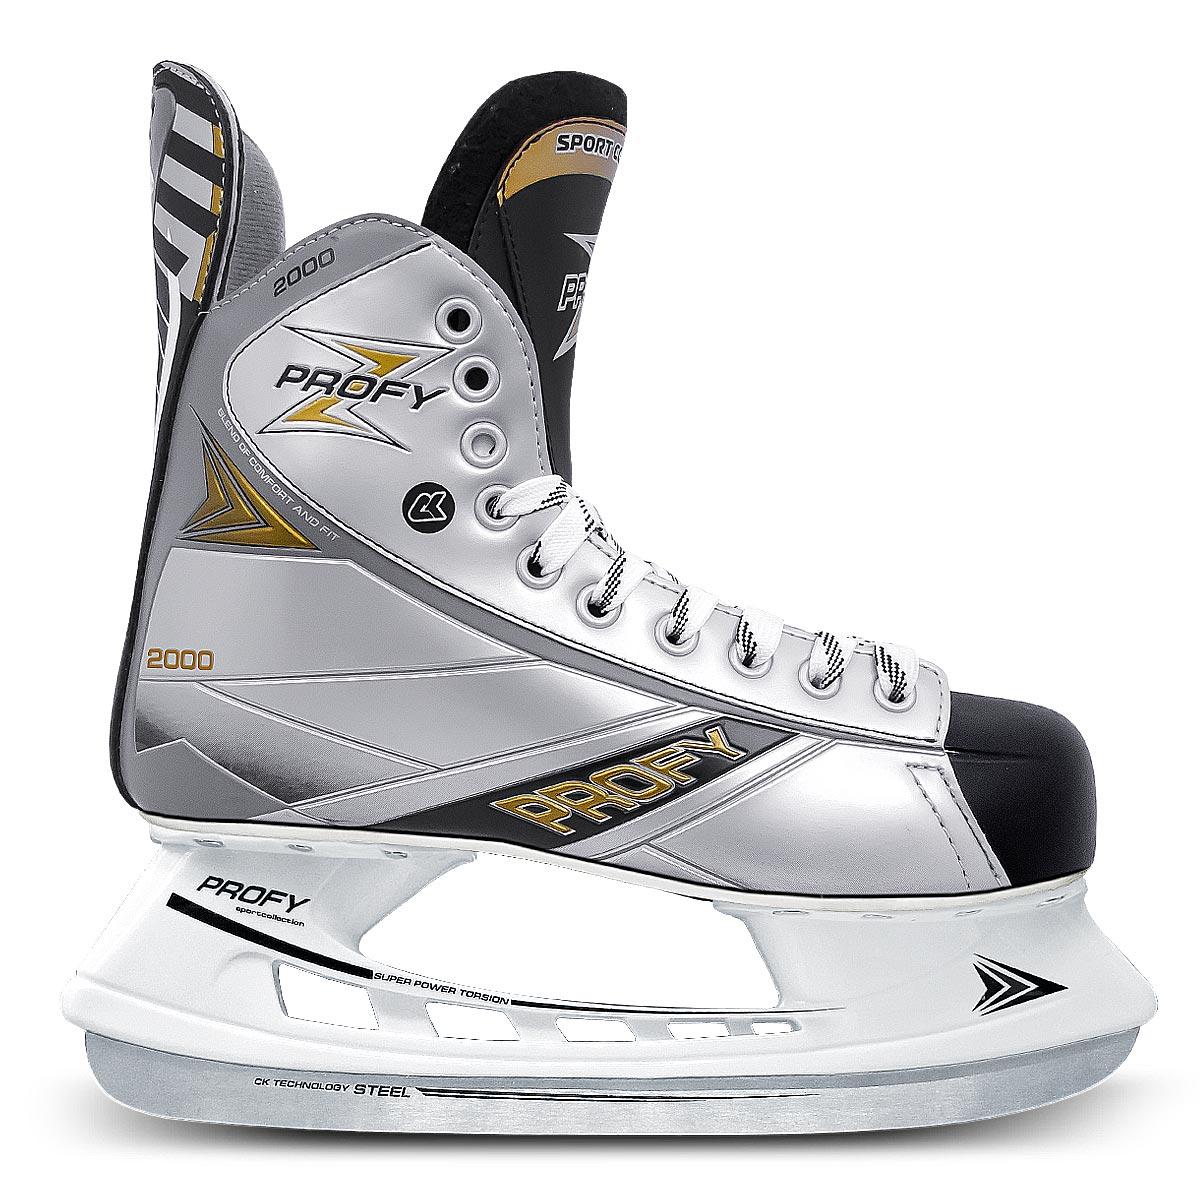 Коньки хоккейные мужские СК Profy Z 2000, цвет: черный, серый. Размер 47Atemi Force 3.0 2012 Black-GrayСтильные мужские коньки от CK Profy Z 2000 прекрасно подойдут для начинающих игроков в хоккей. Ботинок выполнен из морозоустойчивой искусственной кожи и ПВХ. Мыс дополнен вставкой, которая защитит ноги от ударов. Внутренний слой и стелька изготовлены из мягкого текстиля, который обеспечит тепло и комфорт во время катания, язычок - из войлока. Плотная шнуровка надежно фиксирует модель на ноге. Голеностоп имеет удобный суппорт. По верху коньки декорированы тиснением в виде логотипа бренда.Подошва - из твердого пластика. Стойка выполнена из ударопрочного поливинилхлорида. Лезвие из углеродистой нержавеющей стали обеспечит превосходное скольжение. Оригинальные коньки придутся вам по душе.